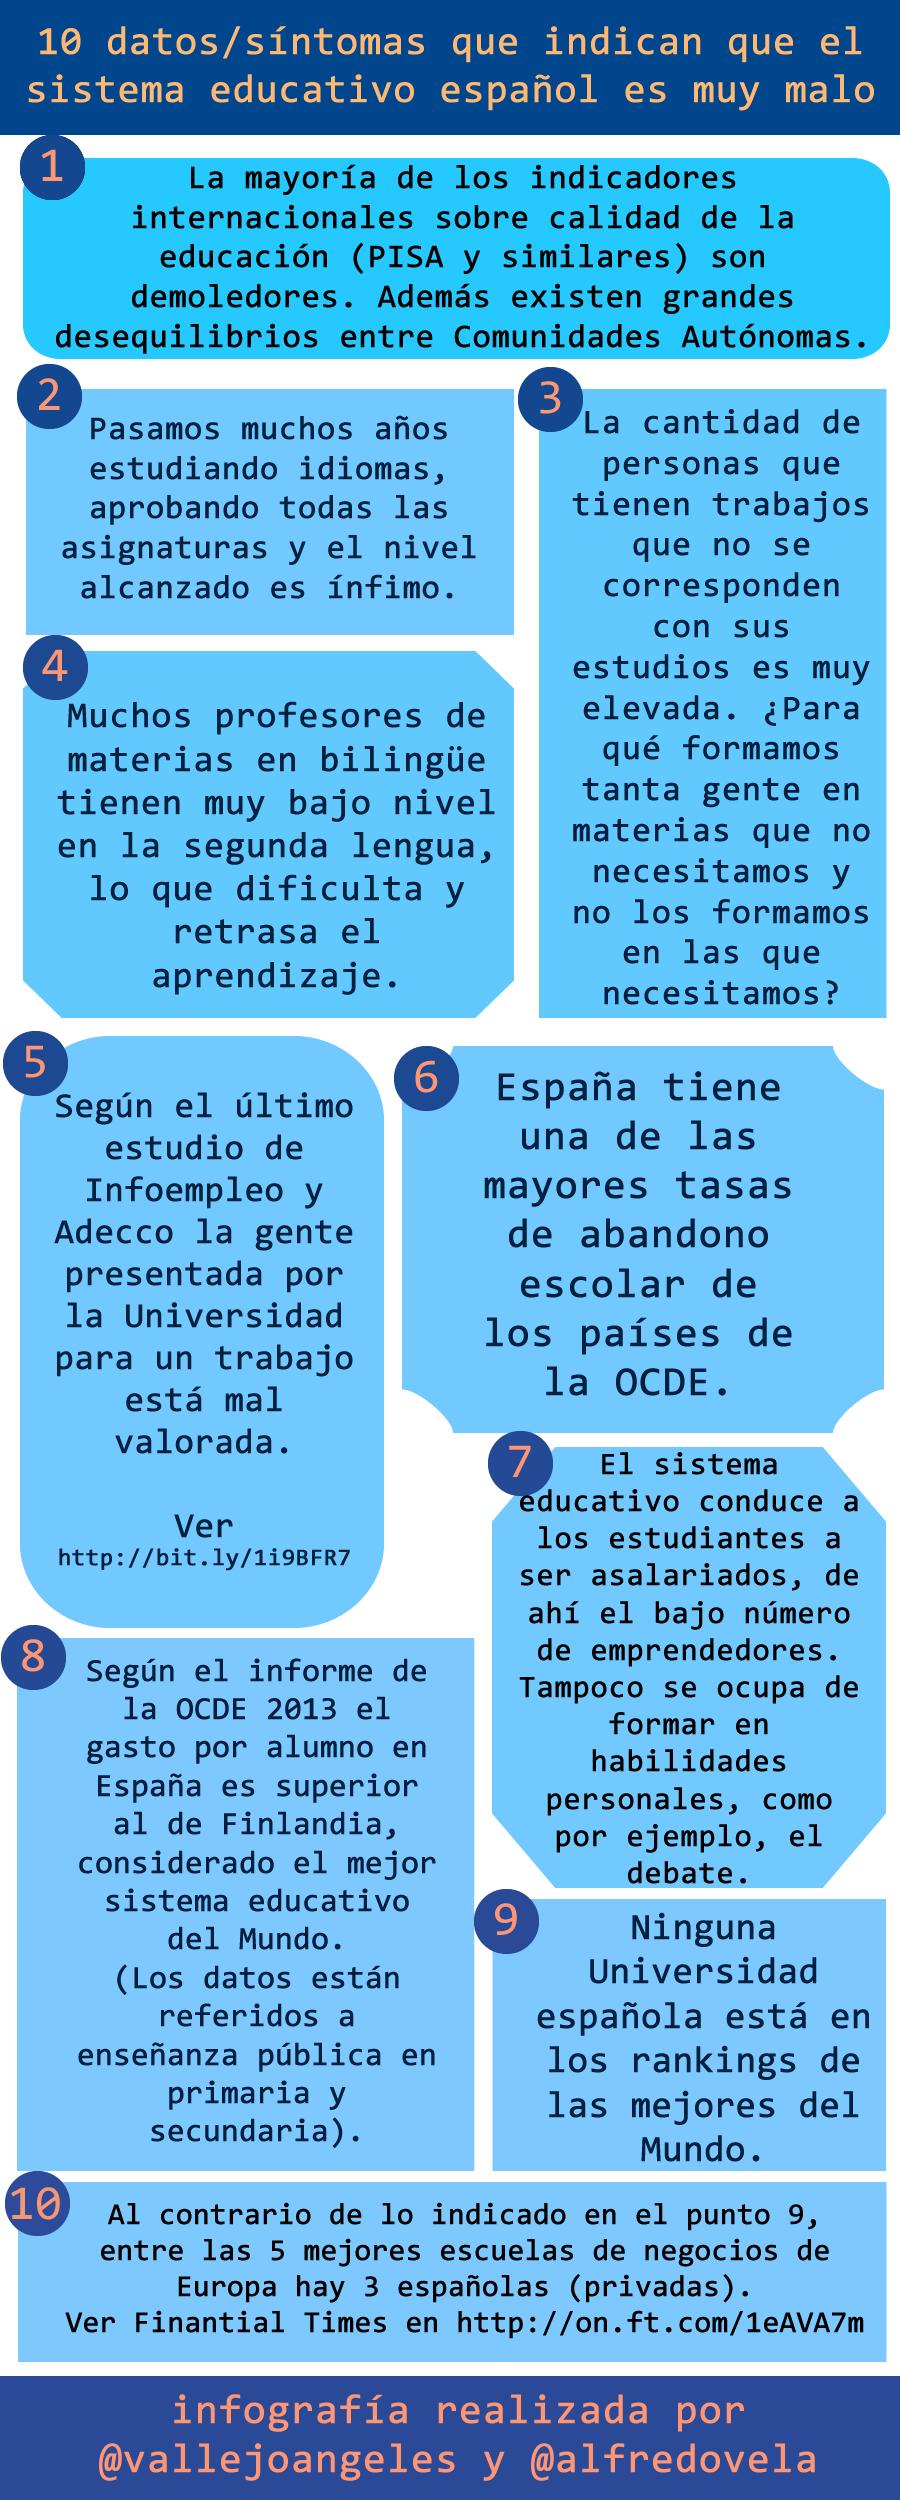 10 Datos Que Indican Que El Sistema Educativo Español Es Muy Malo Infografia Infographic Education Sistema Educativo Aula De Español Educacion